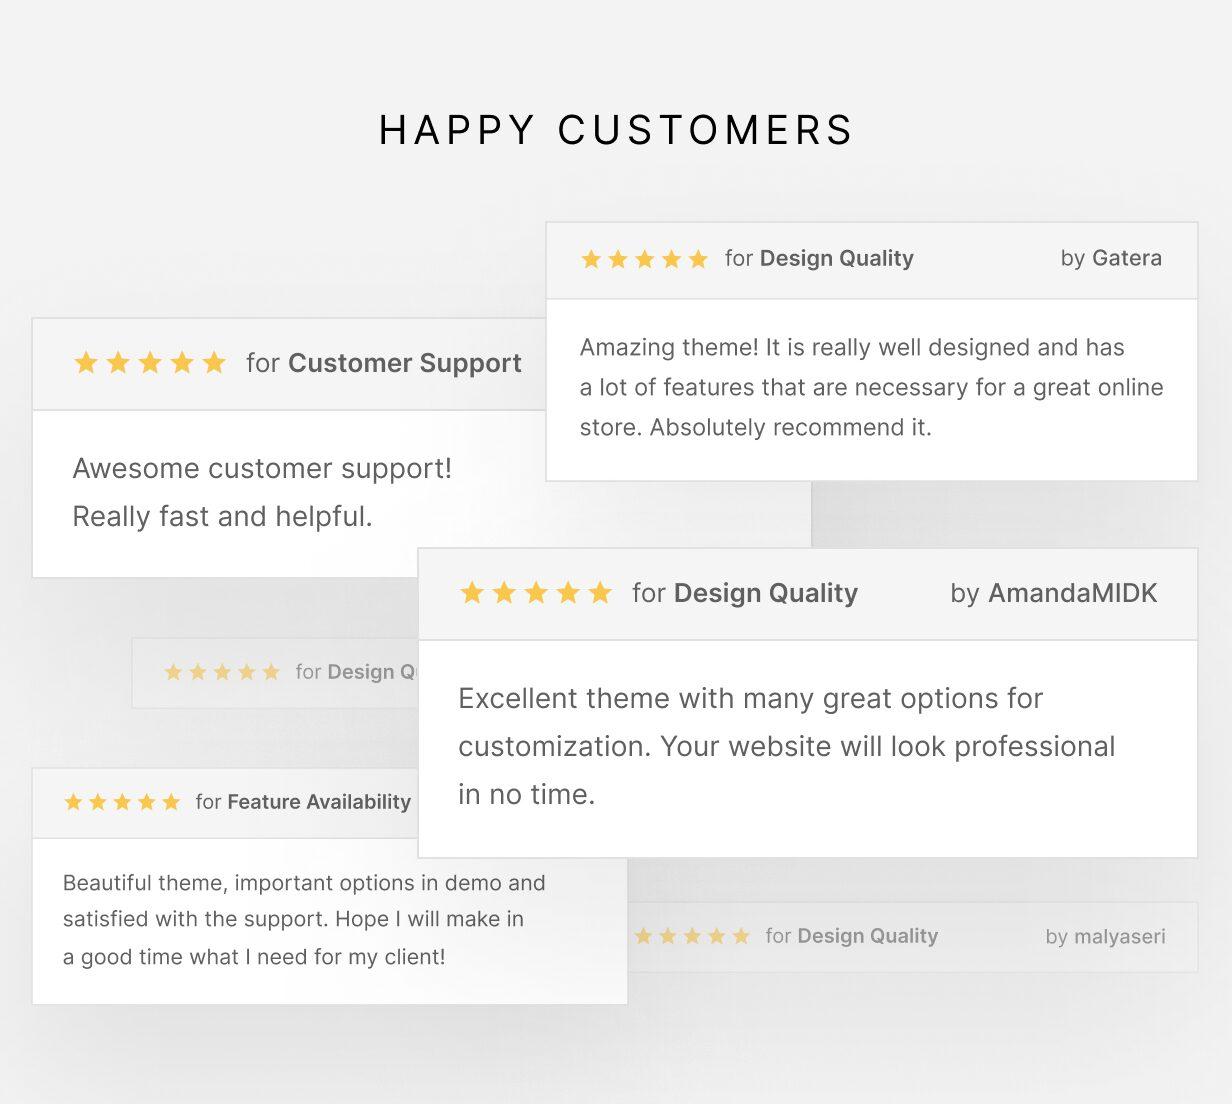 Luchiana - Happy Customers